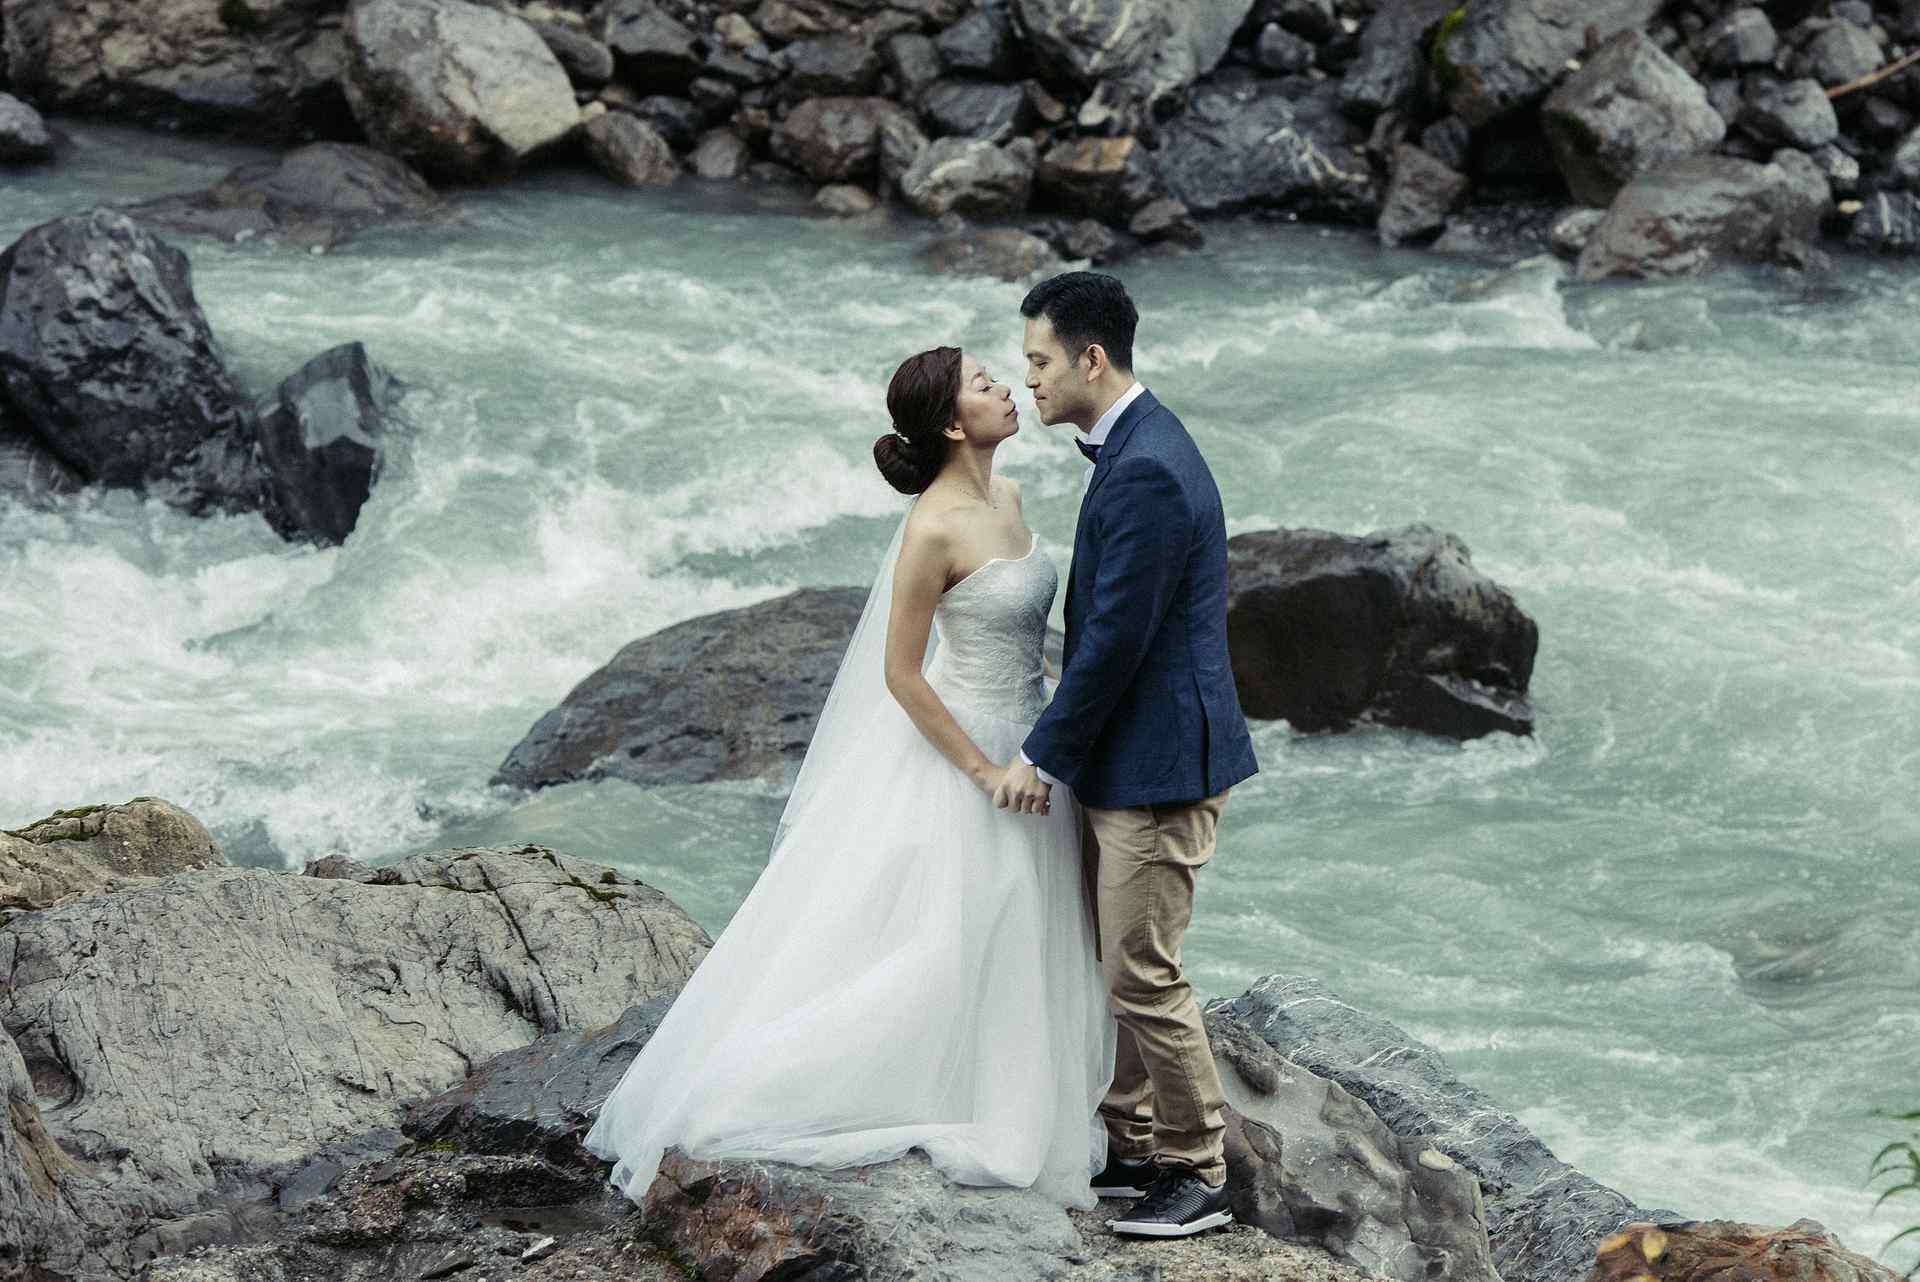 Pre wedding shoot near Interlaken, Switzerland